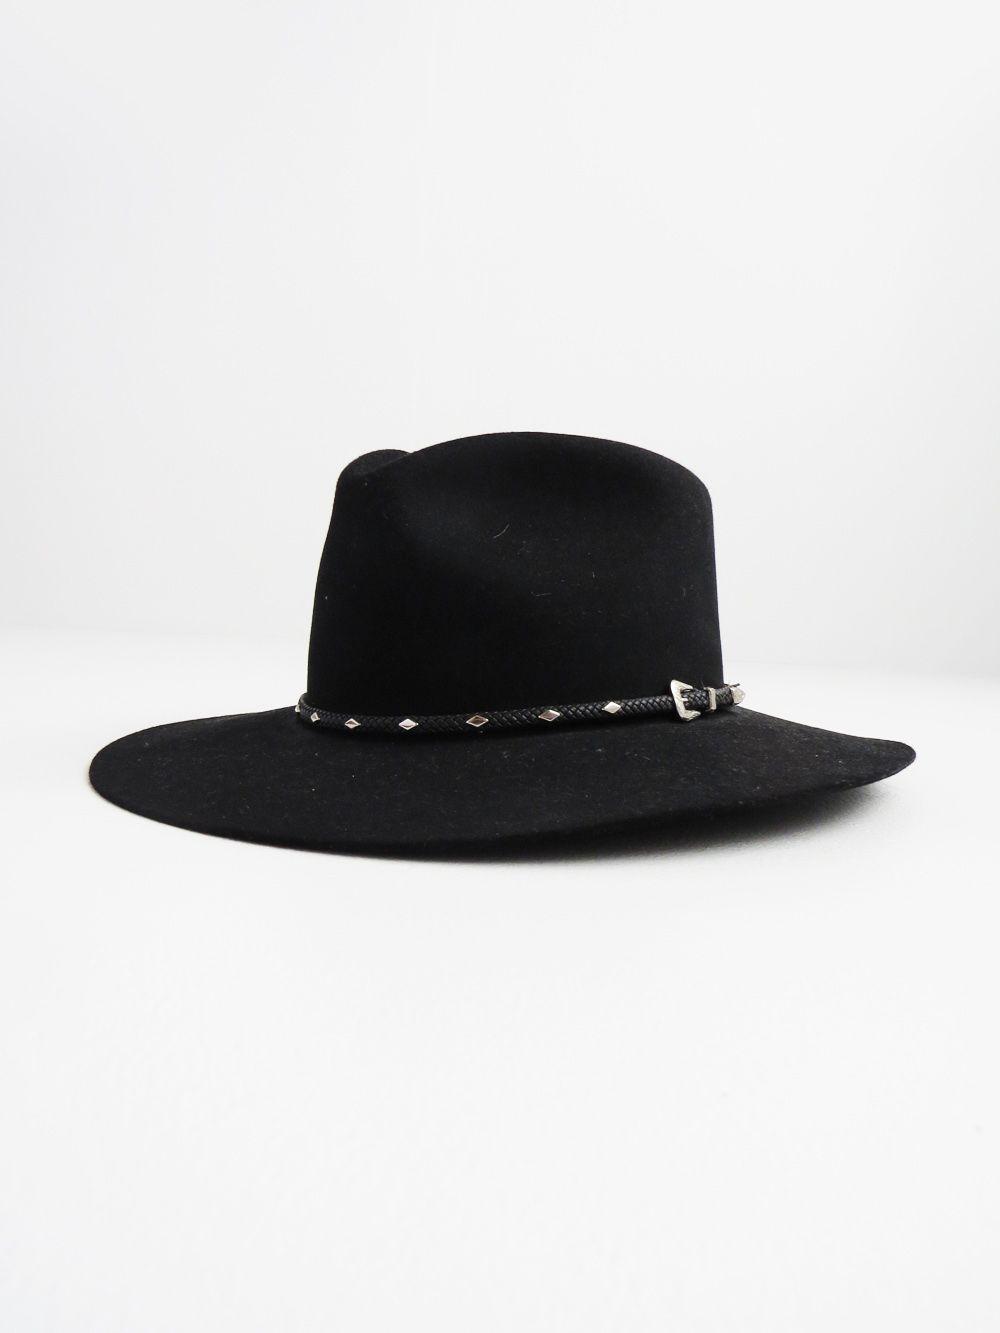 Black Stetson Hat    Vintage John B Stetson Hat  3dac71ebe5c